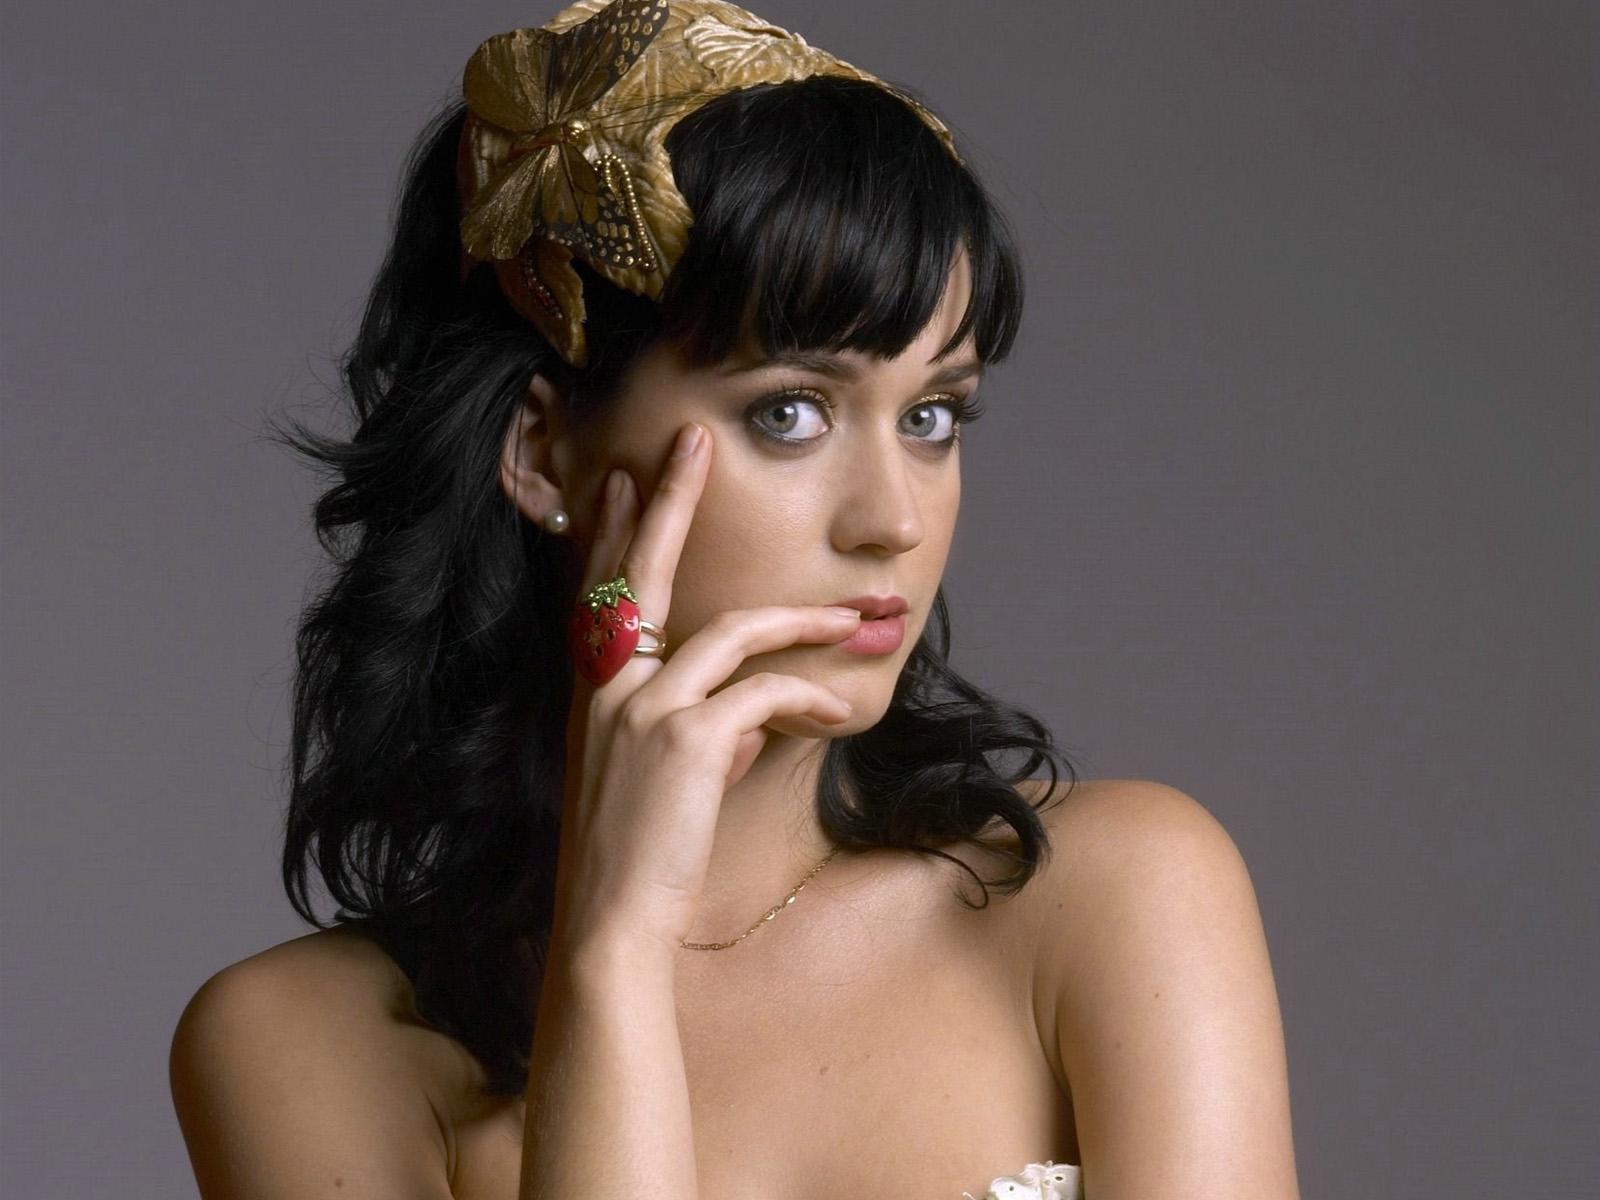 Kumpulan Foto Terbaru Artis Katy Perry Cantik - Informasi Terbaru 2016